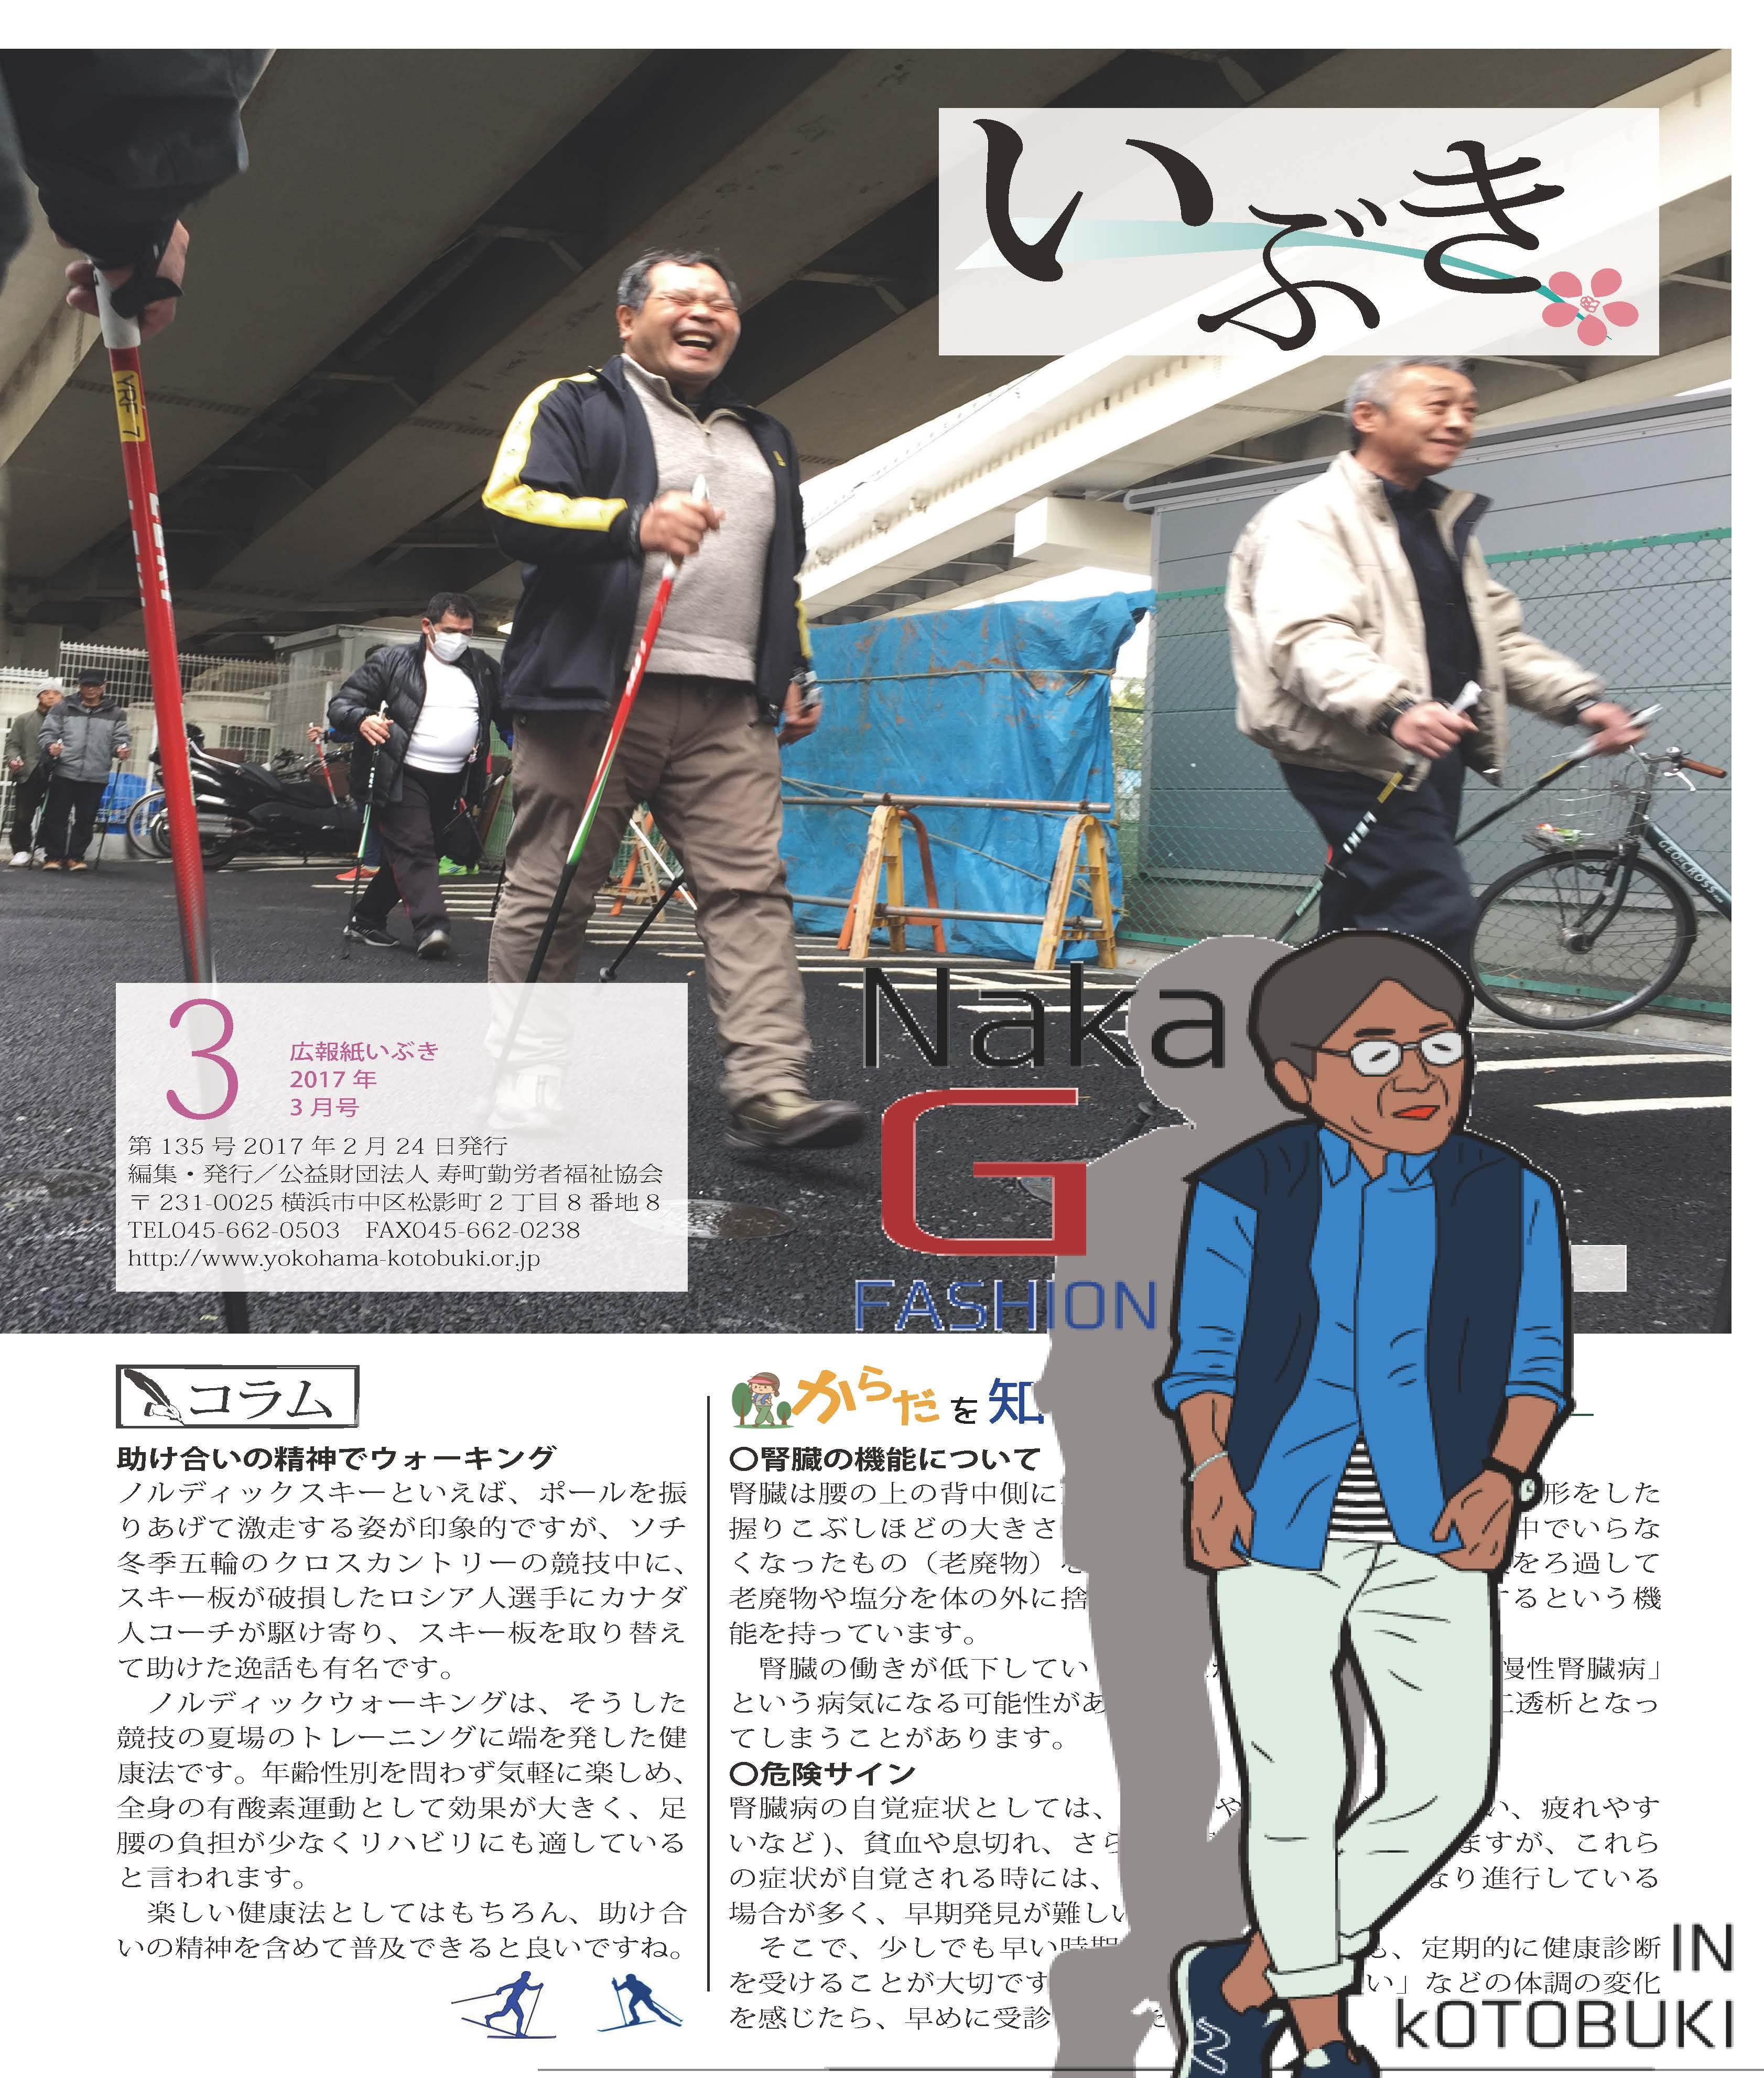 広報誌いぶき2017.3月号(No.135)